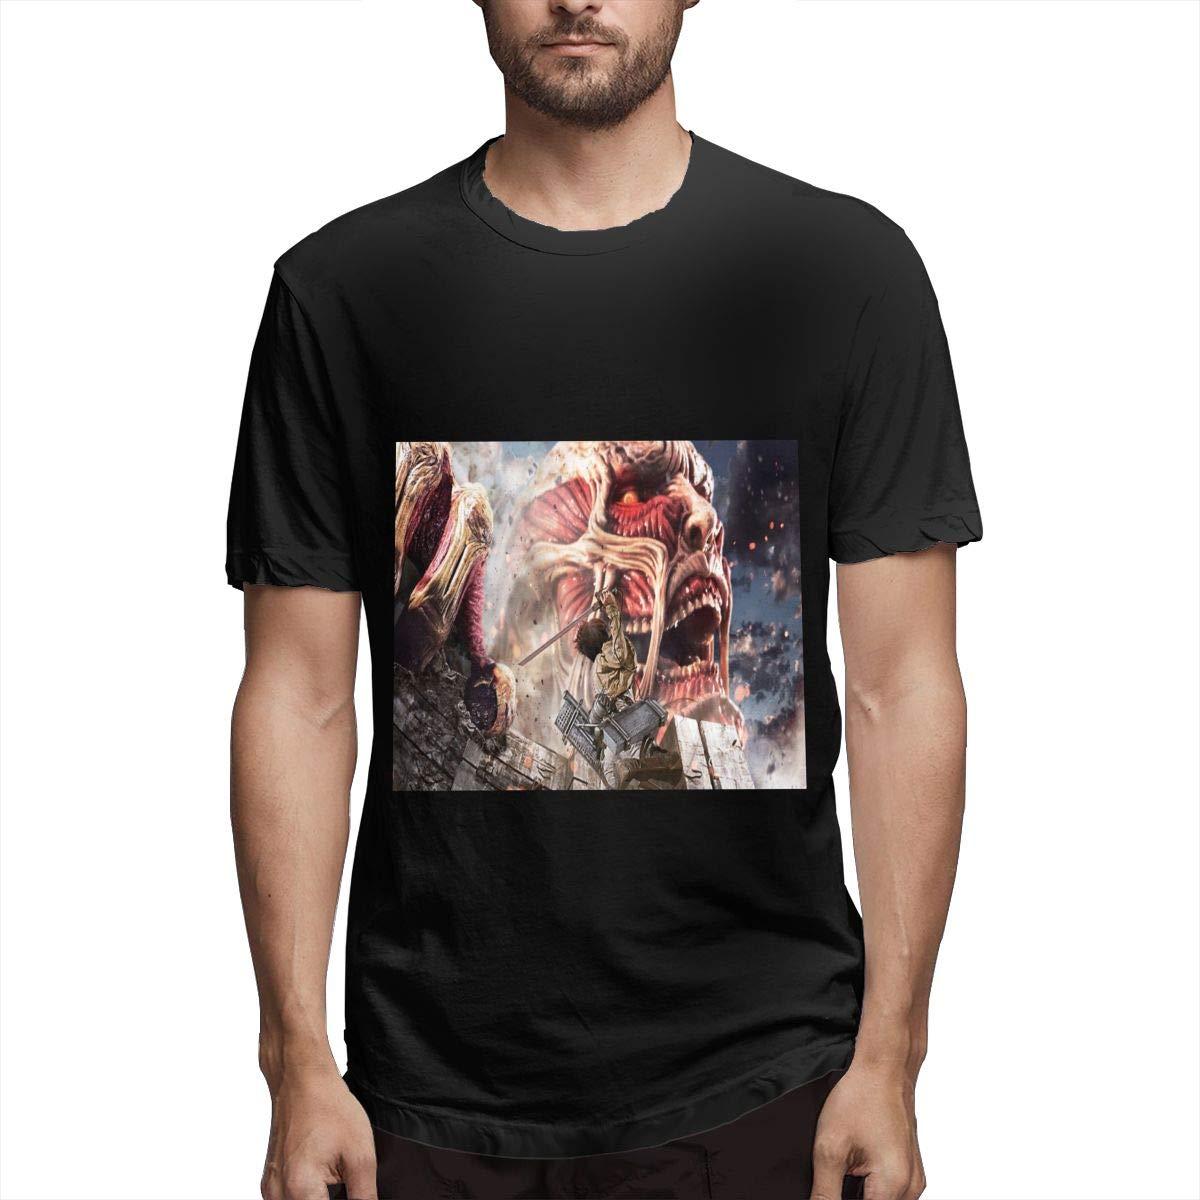 Lihehen S Attack On Titan Fashion Leisure Round Neck T Shirt